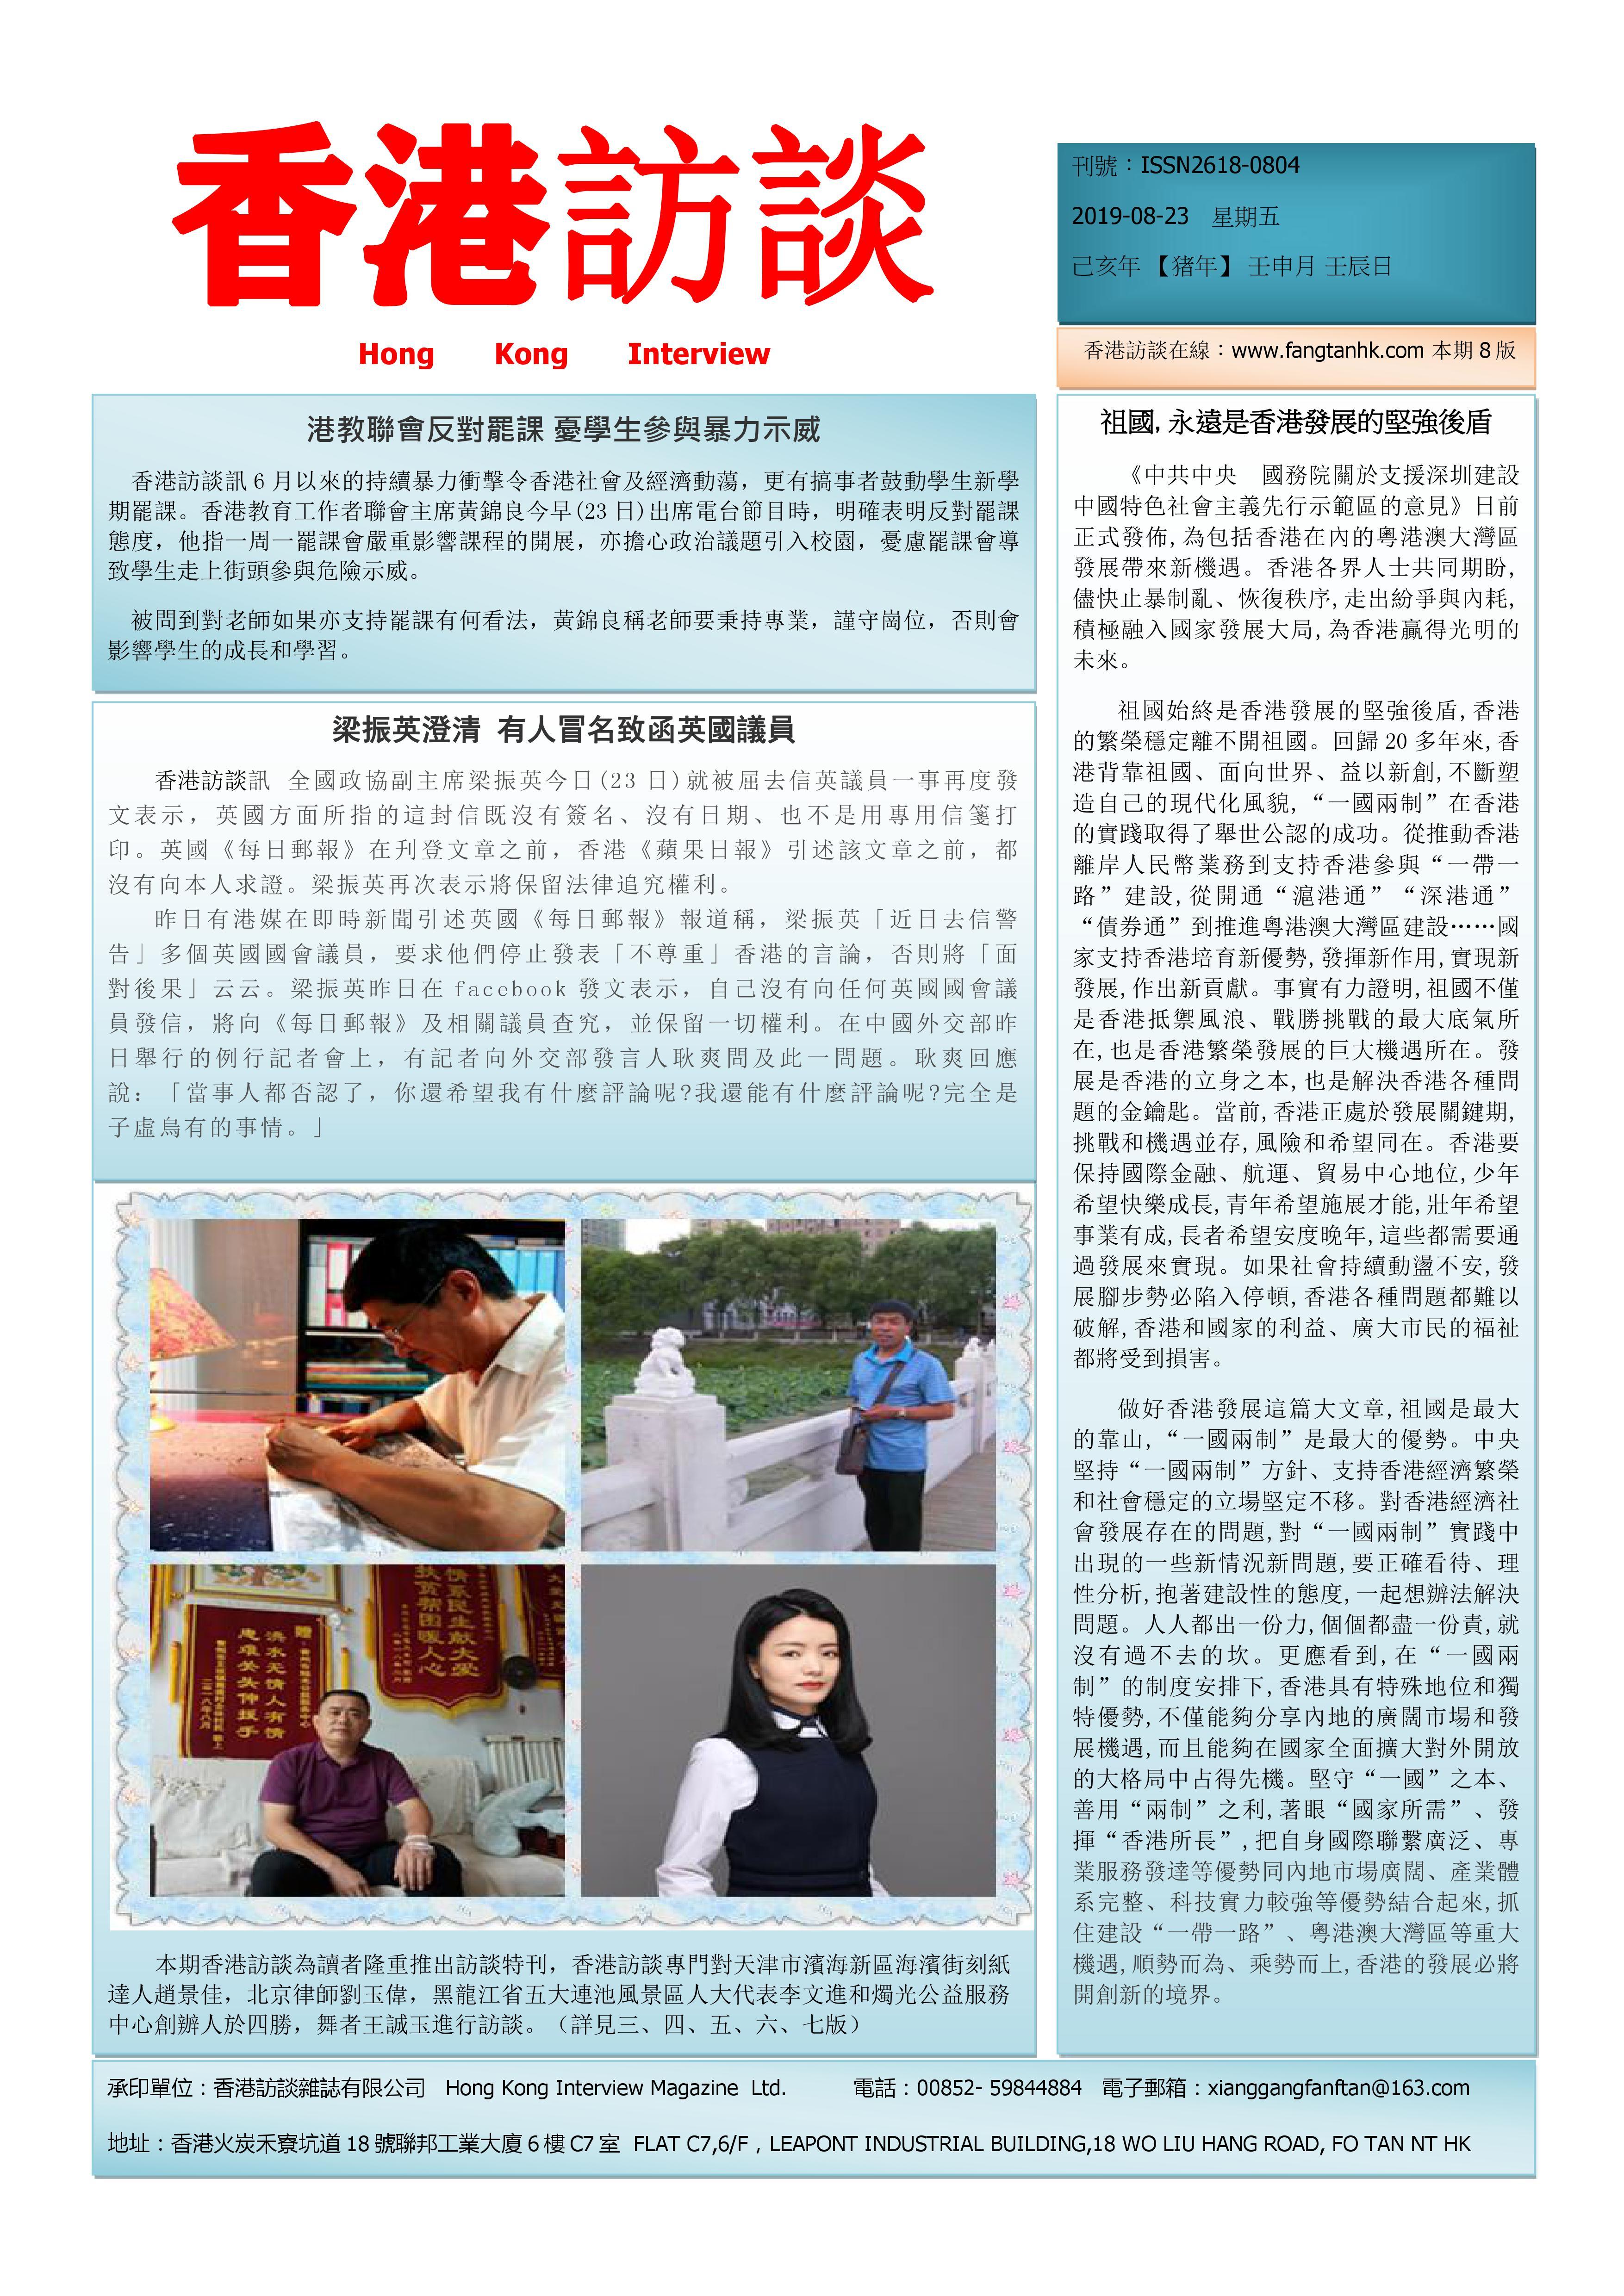 香港访谈雑志社访谈特刊 2019年8月23日出版